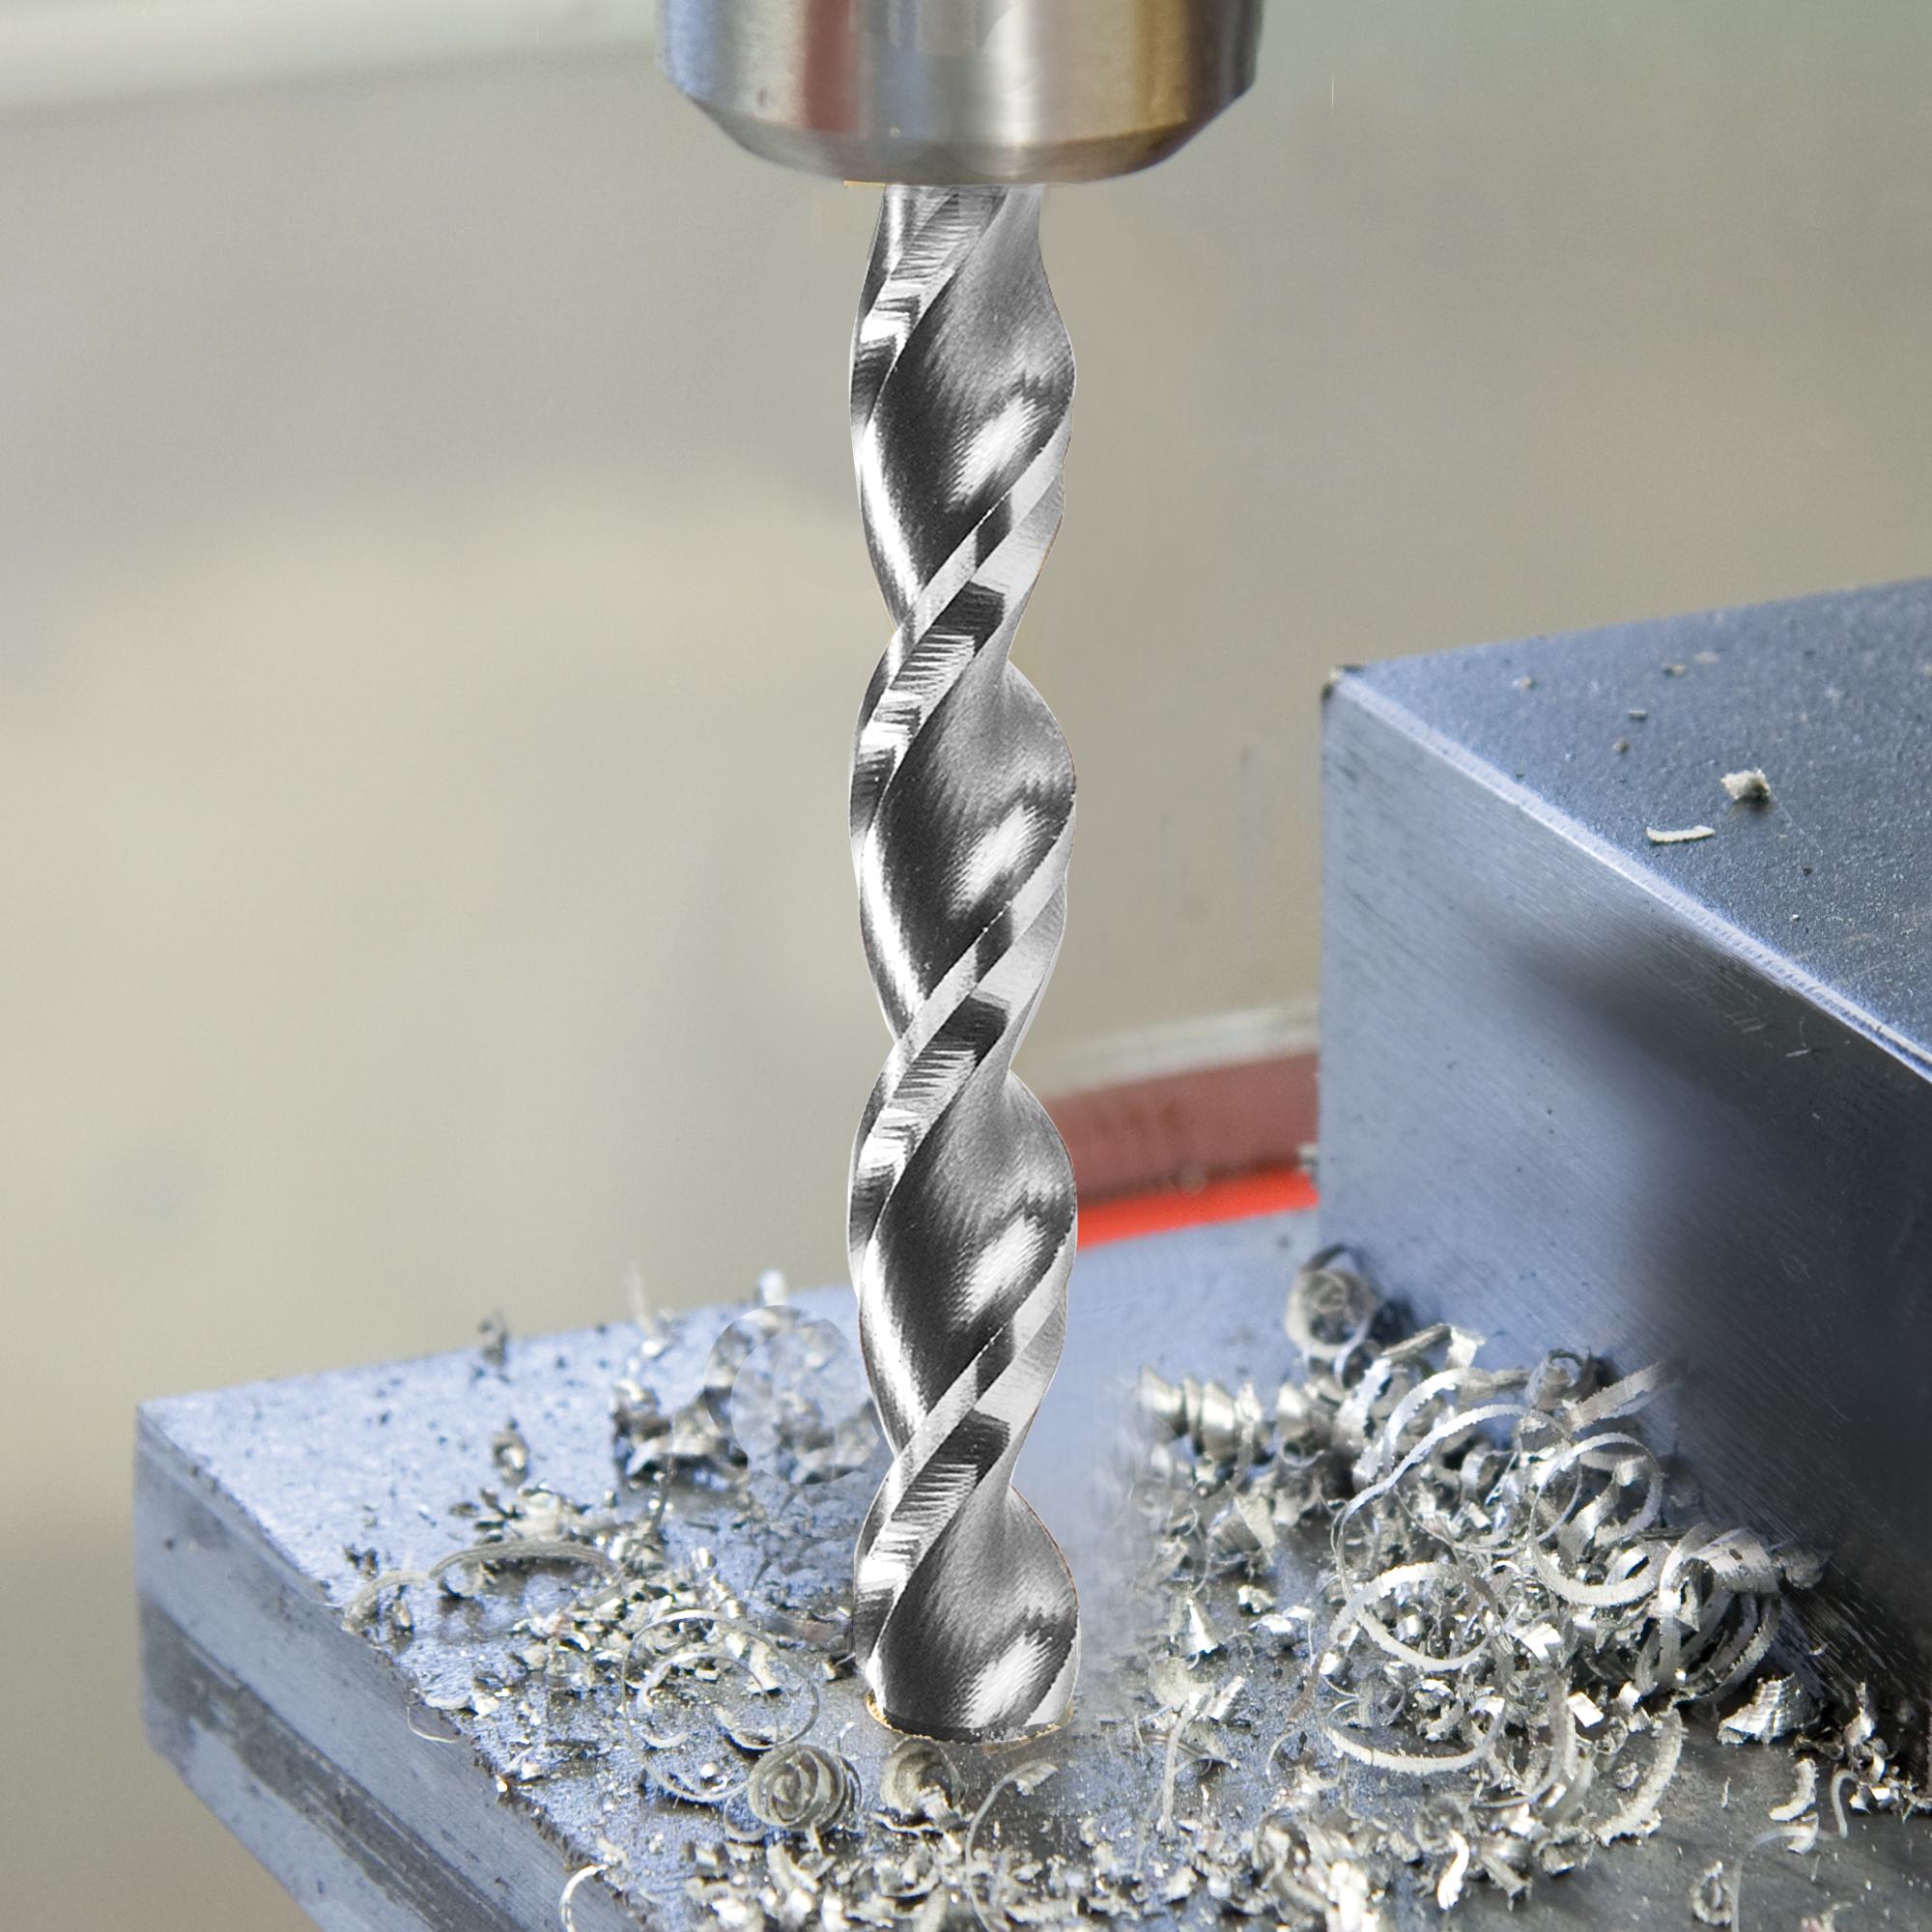 RUKO Twist drill DIN 338 TL 3000 HSS 258069